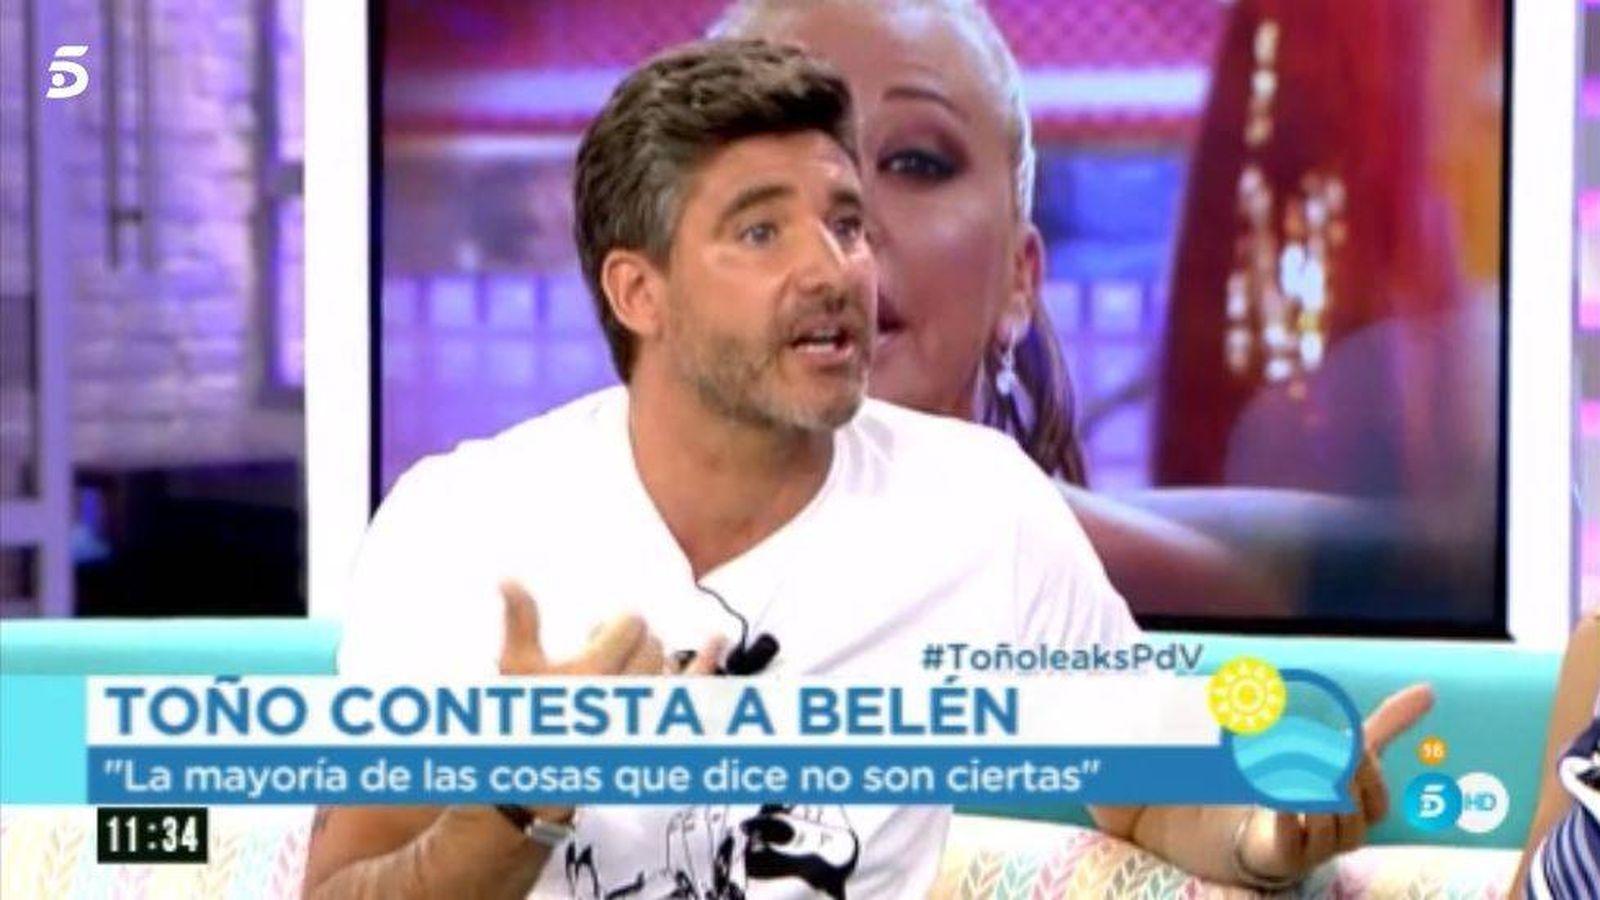 Foto: Toño Sanchís contesta de nuevo a Belén en 'El programa del verano'.